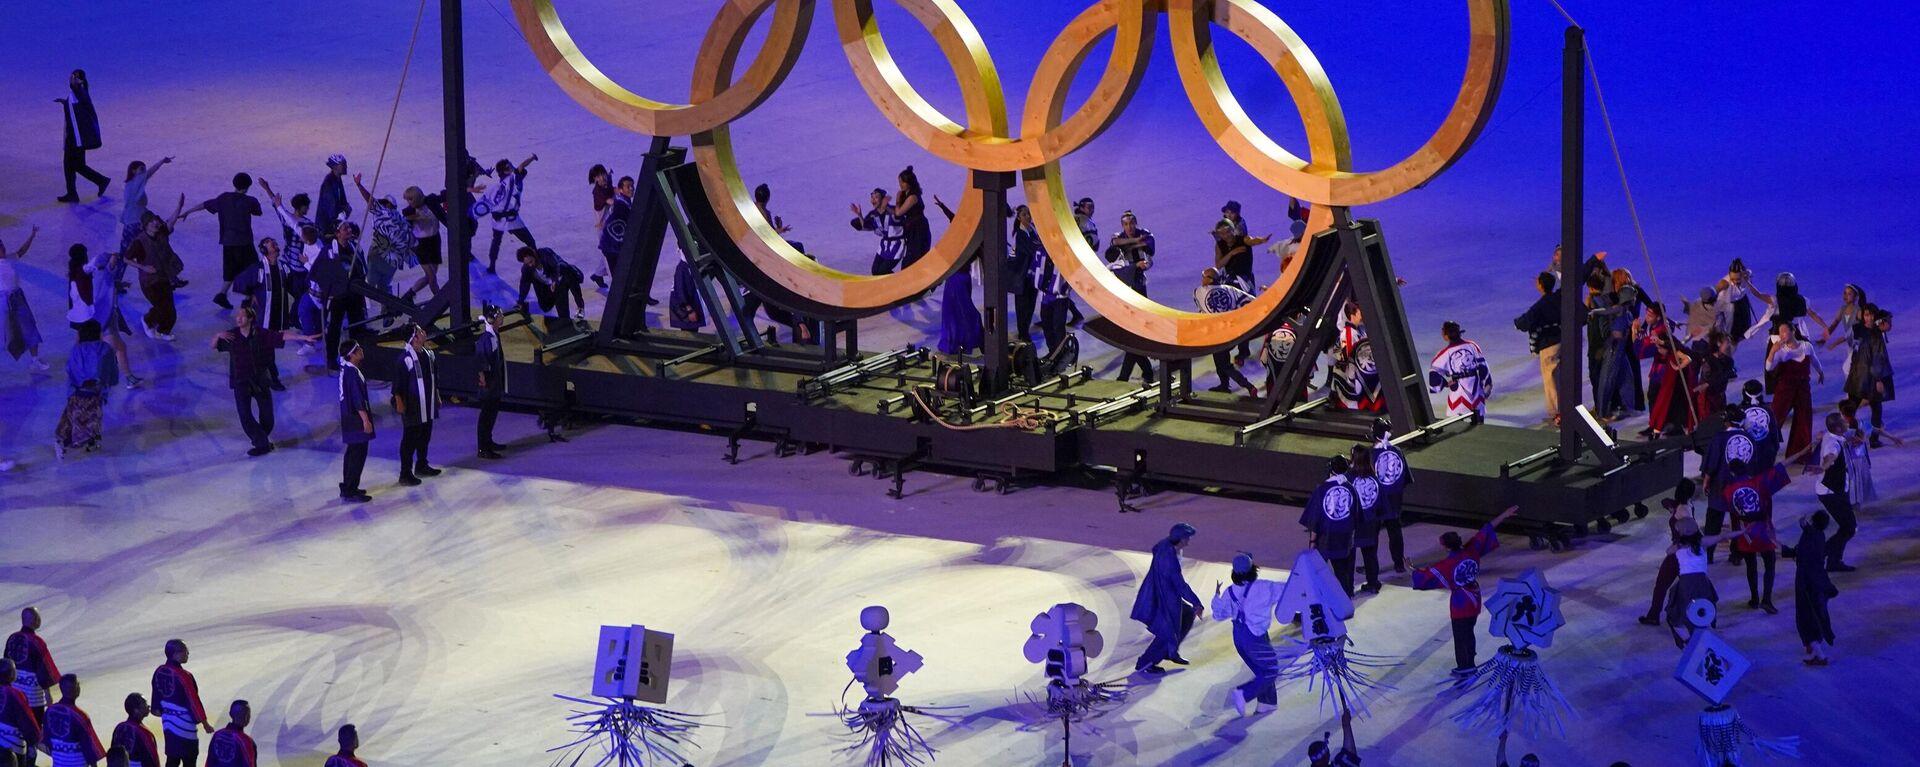 Gli artisti durante la cerimonia di apertura delle Olimpiadi di Tokyo. - Sputnik Italia, 1920, 27.07.2021